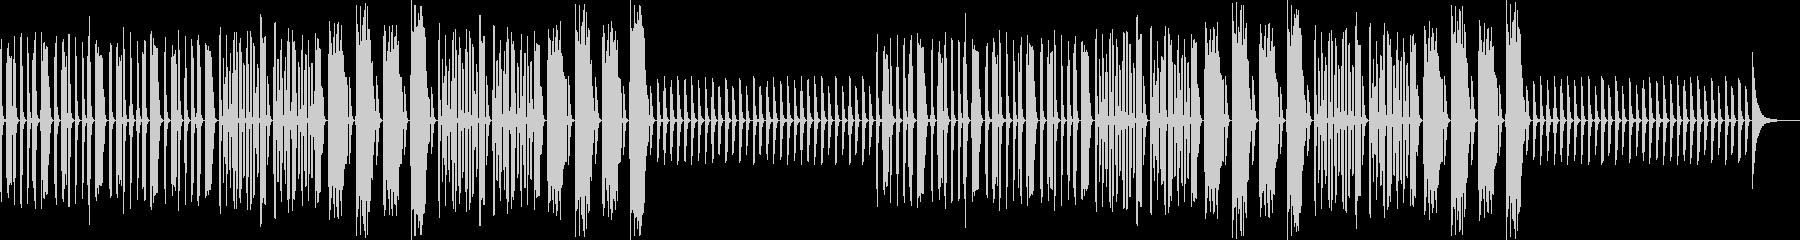 ポンコツ・コミカル・へっぽこ・リコーダーの未再生の波形